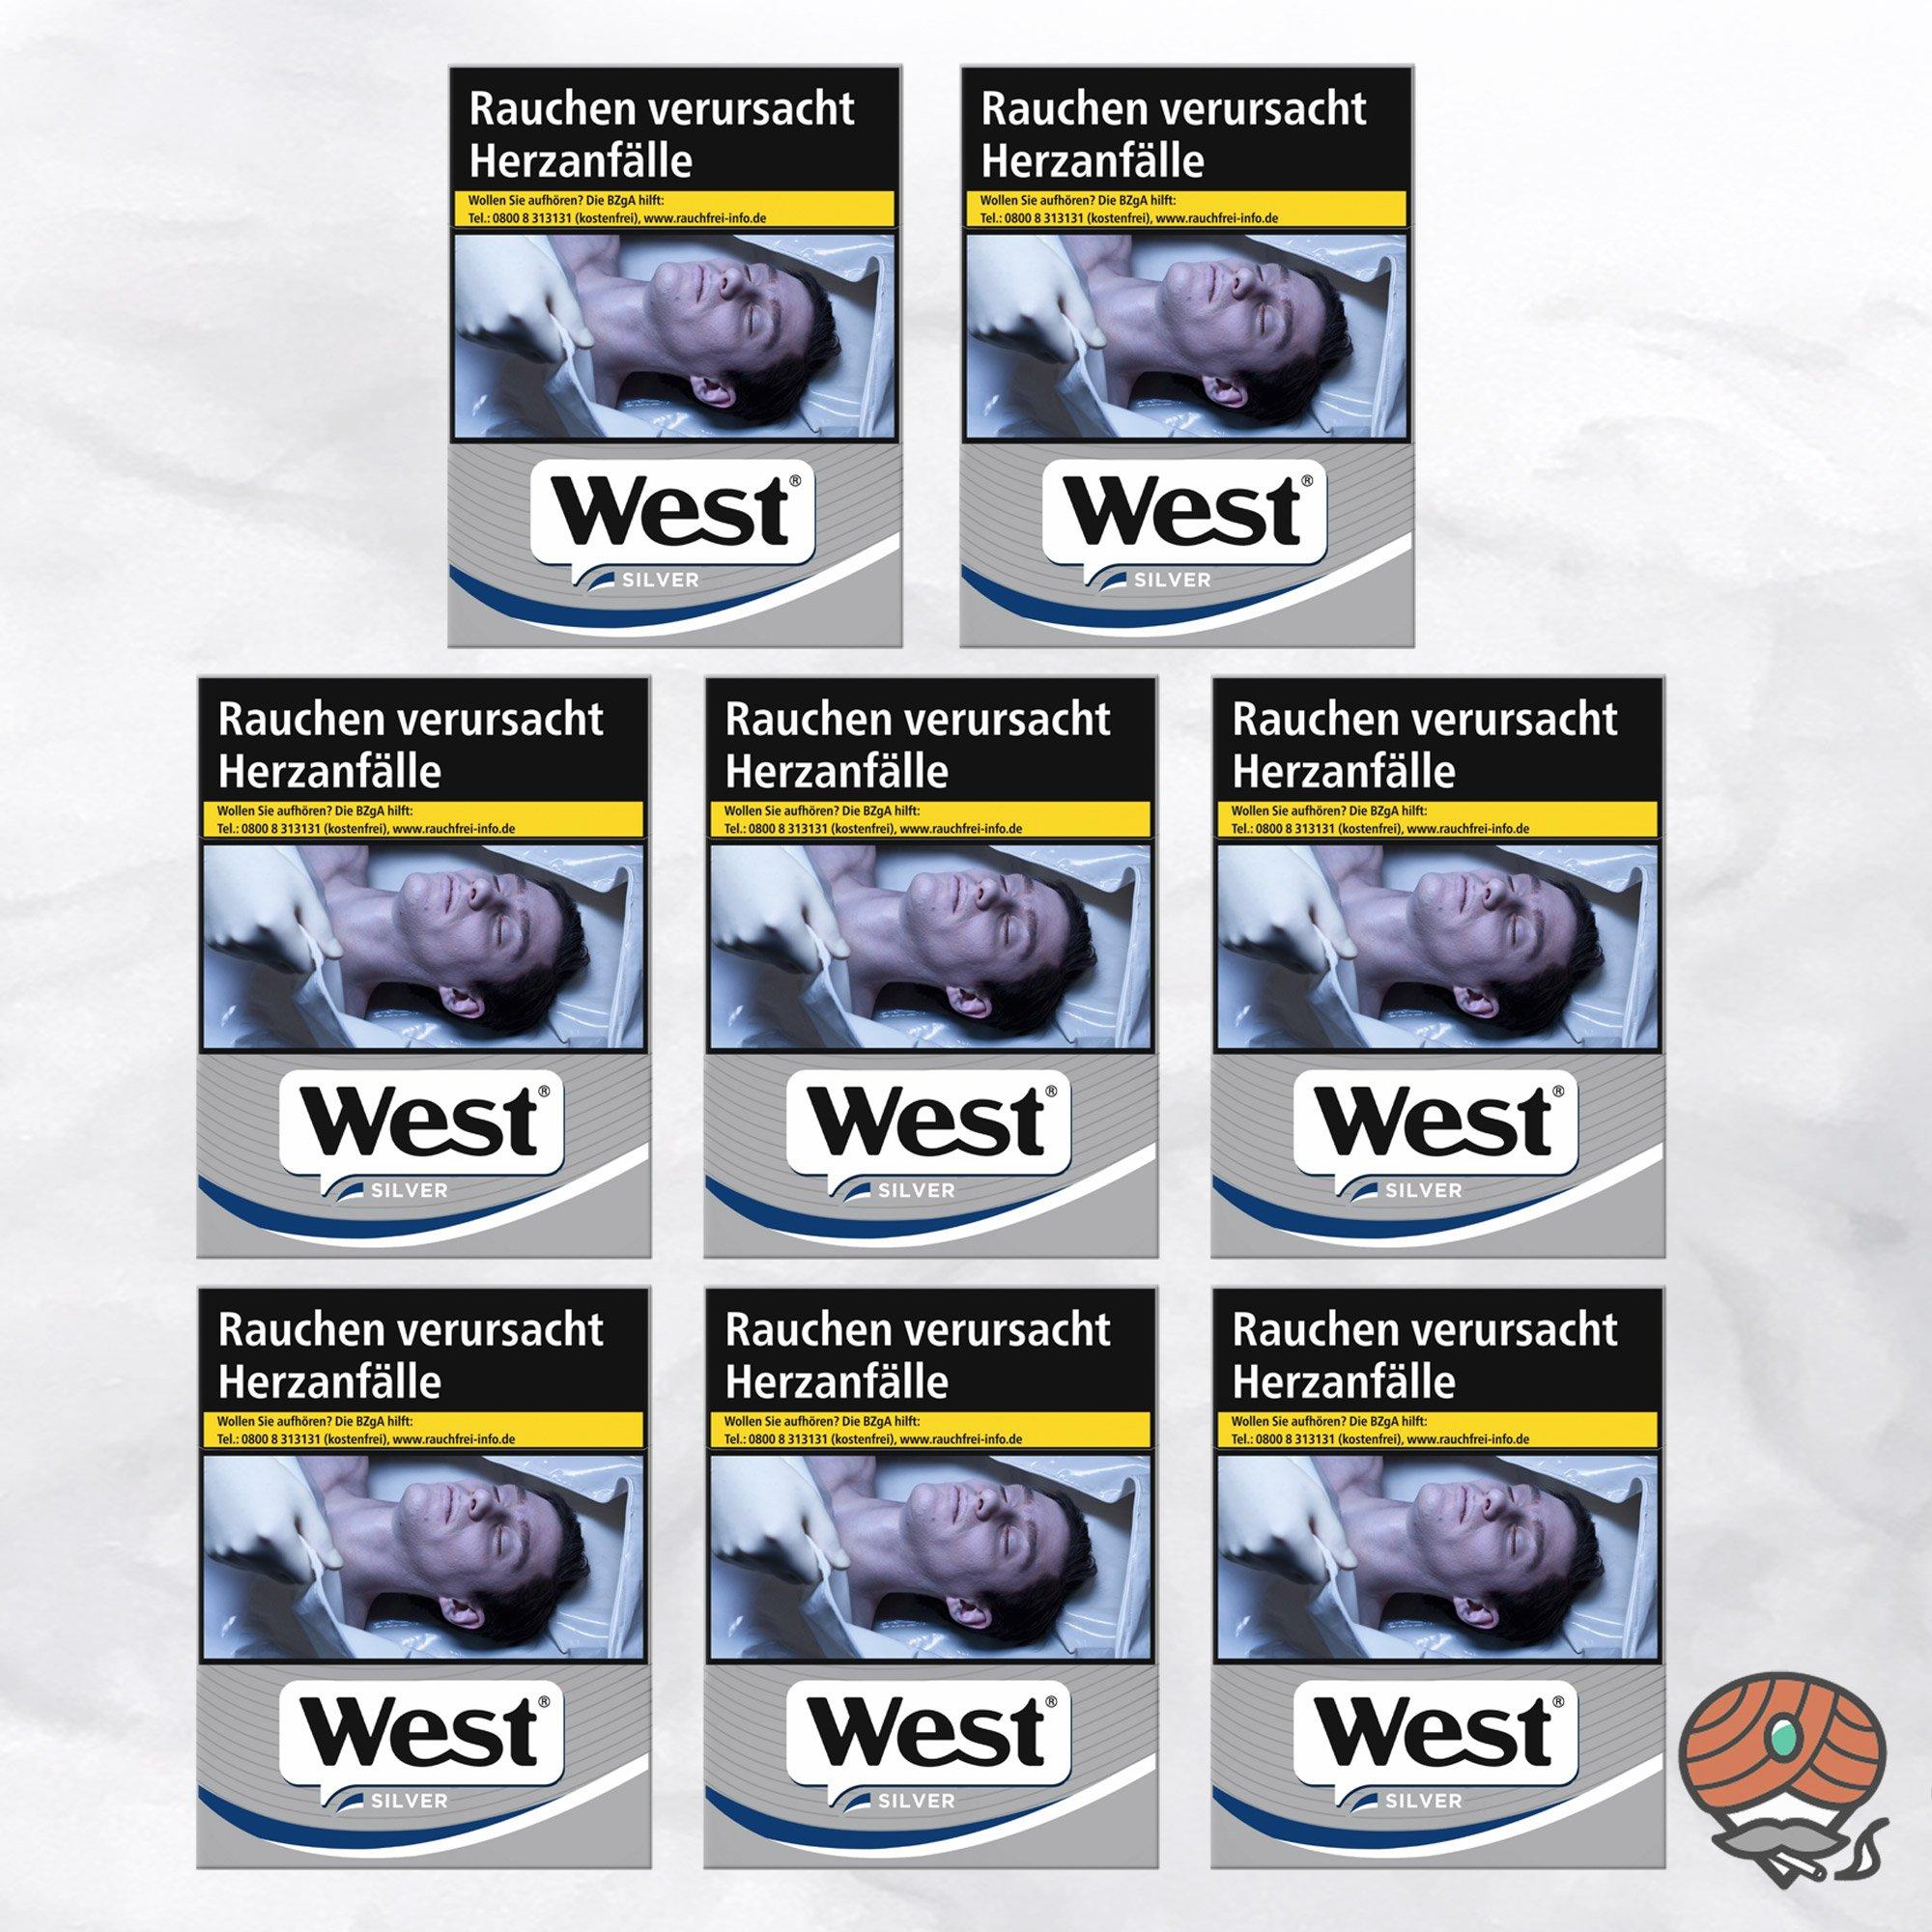 8 x West Silver Zigaretten à 37 Stück